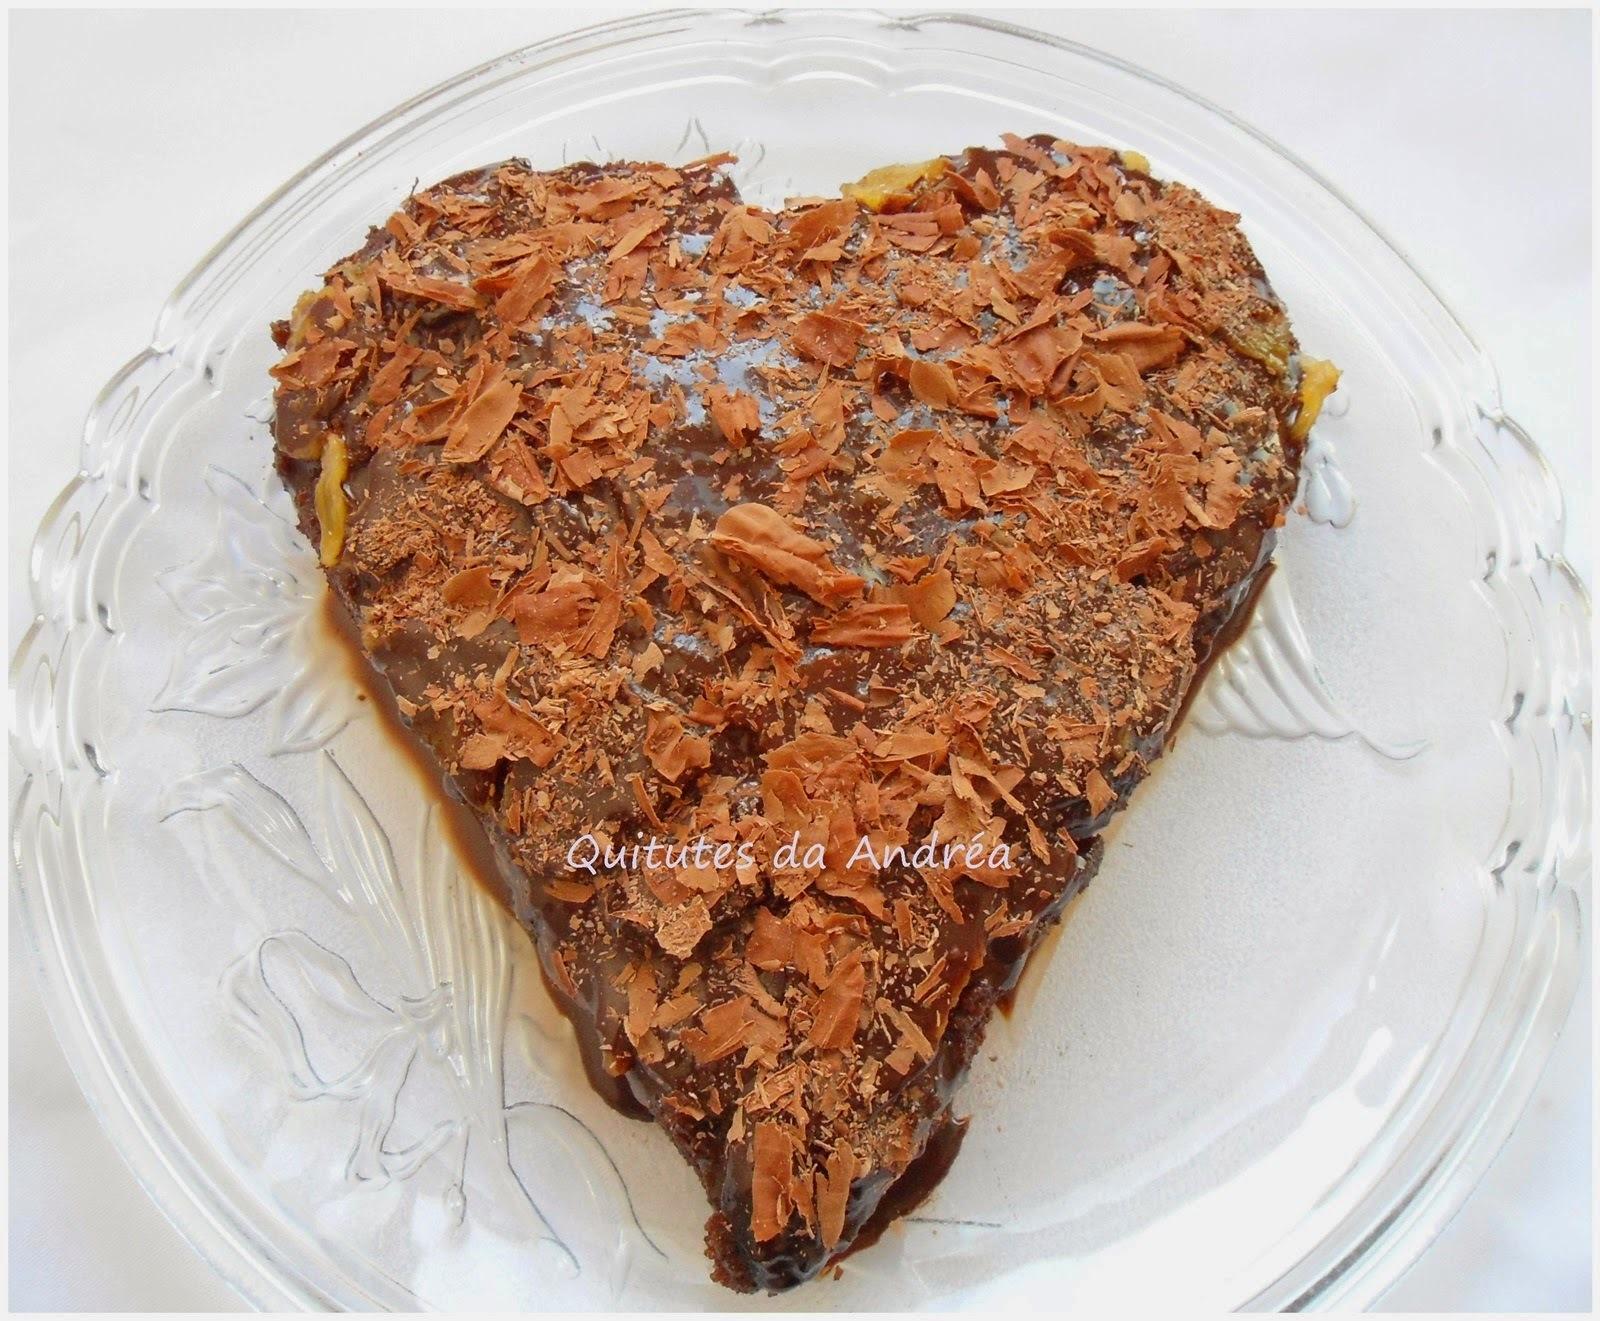 BOLO DE CHOCOLATE COM ABACAXI CARAMELADO